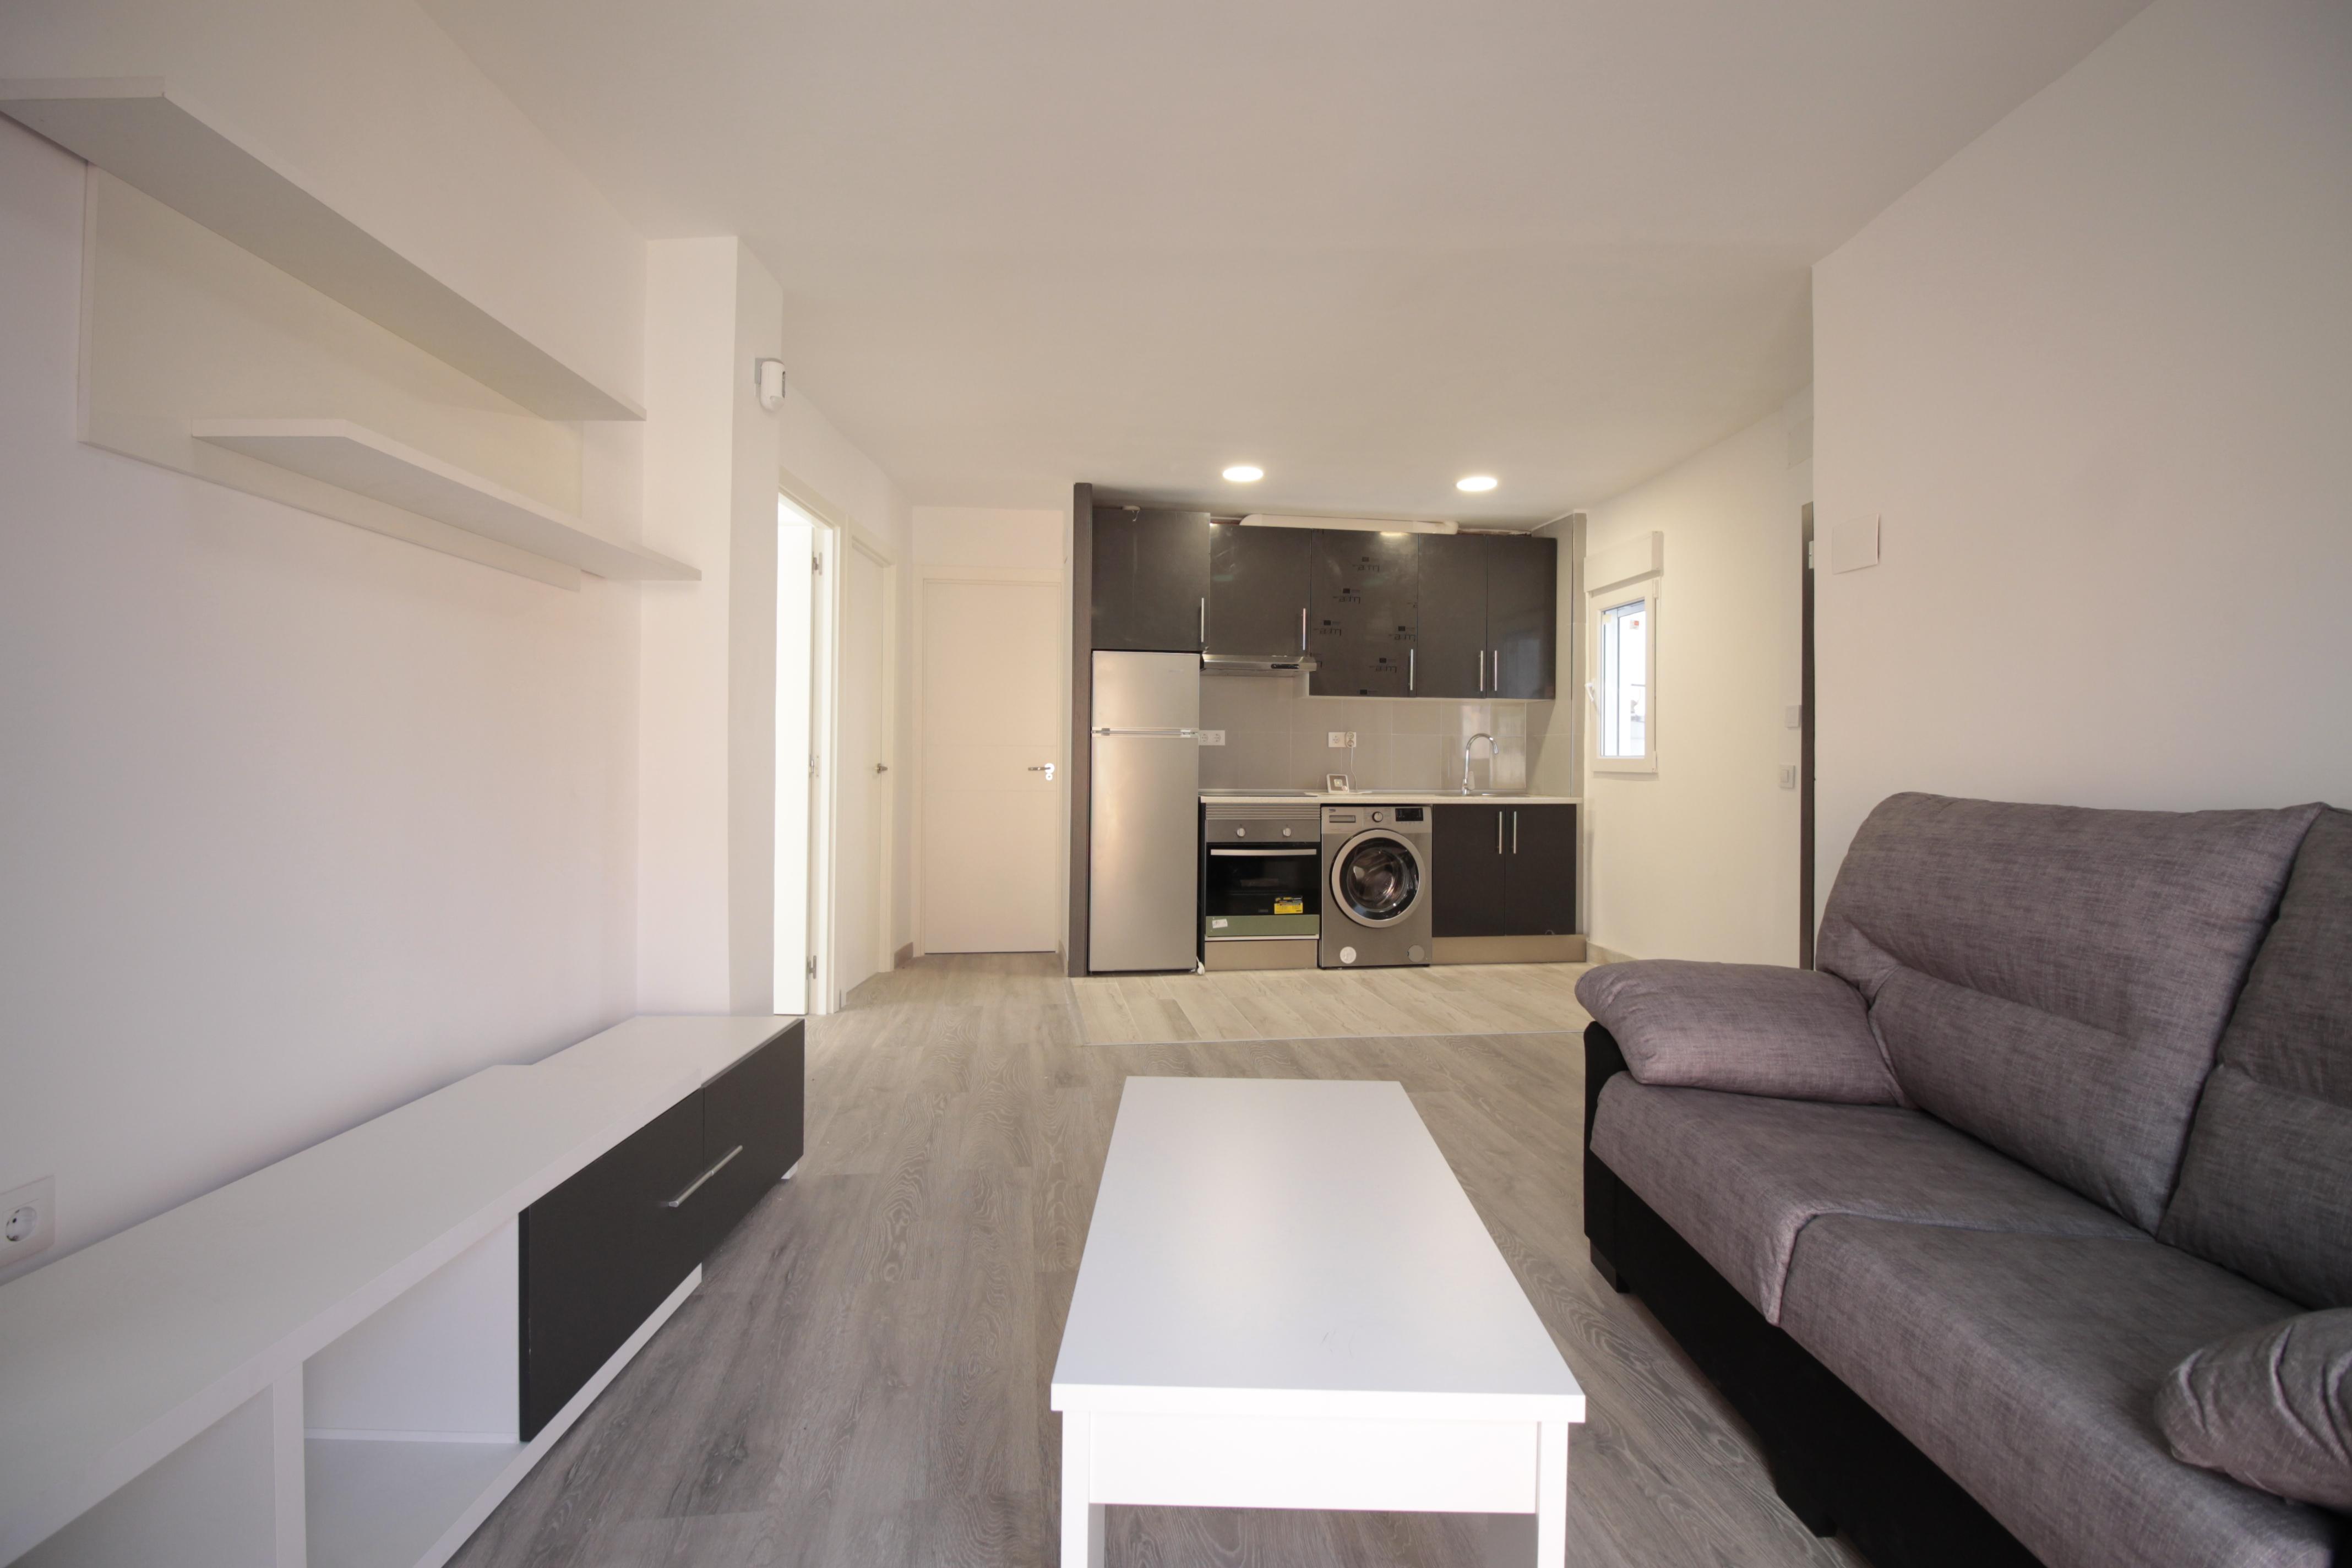 Exterior 3 Bedroom Apartment